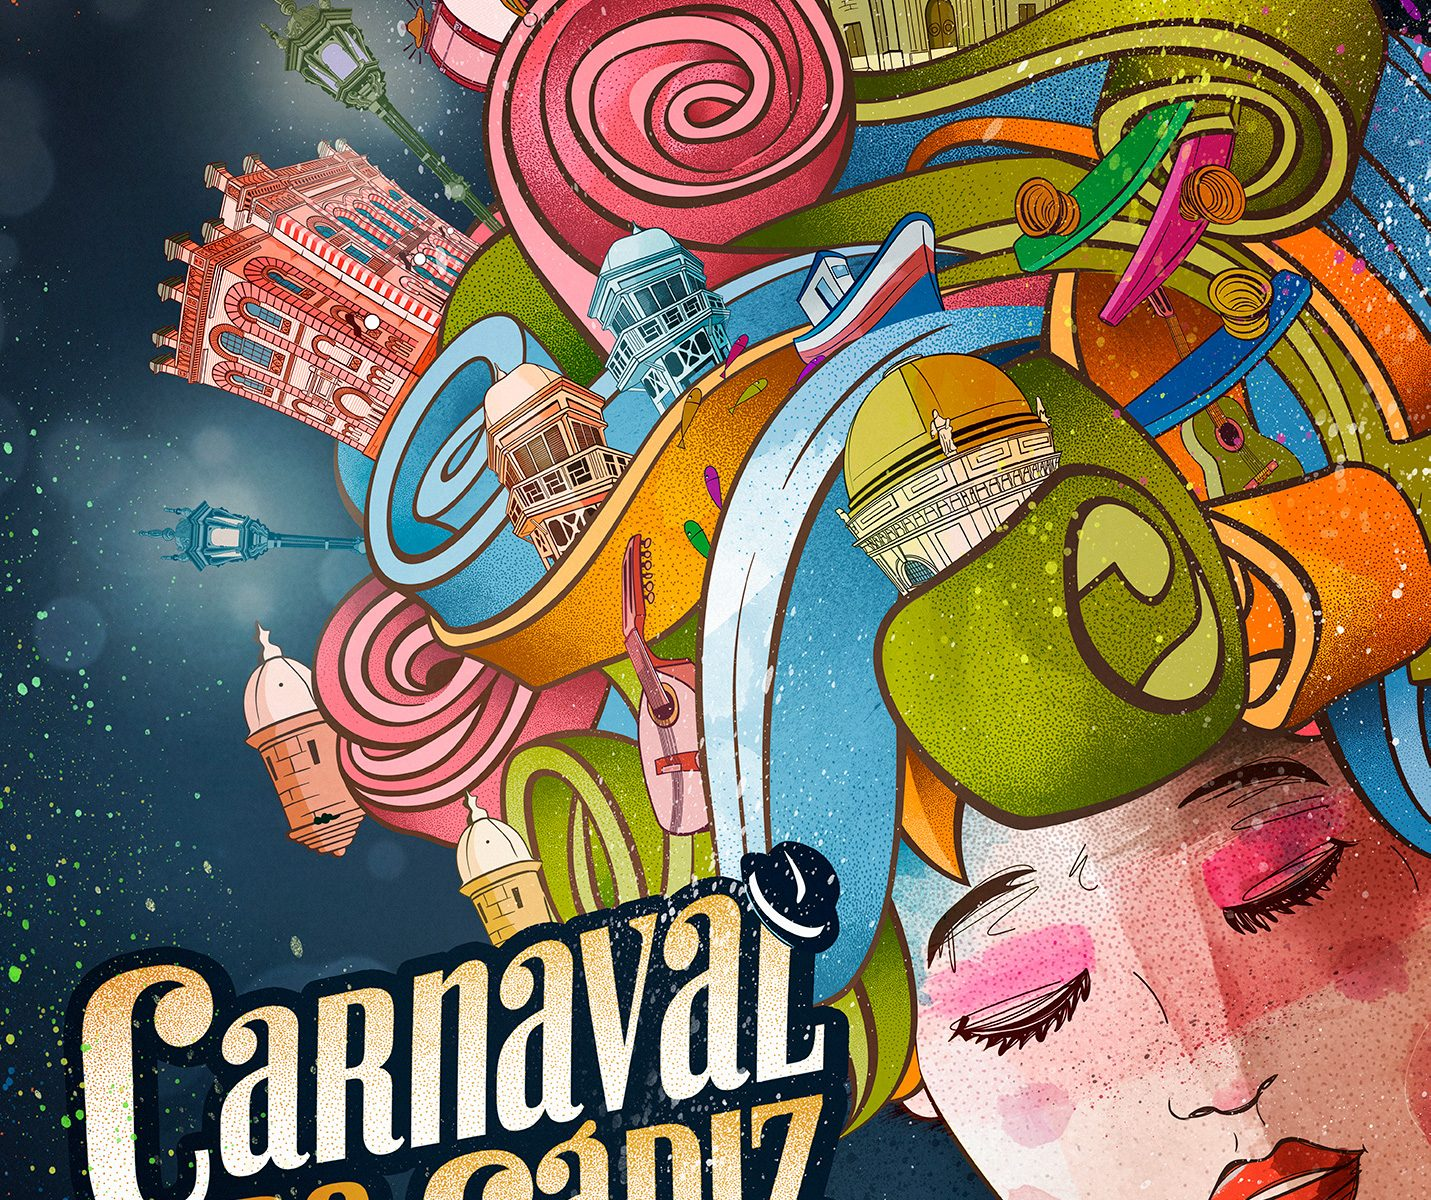 Carnaval de Cadiz 2019. Recuperado de: http://www.guiadecadiz.com/es/agenda/febrero/2019/carnaval-cadiz-2019